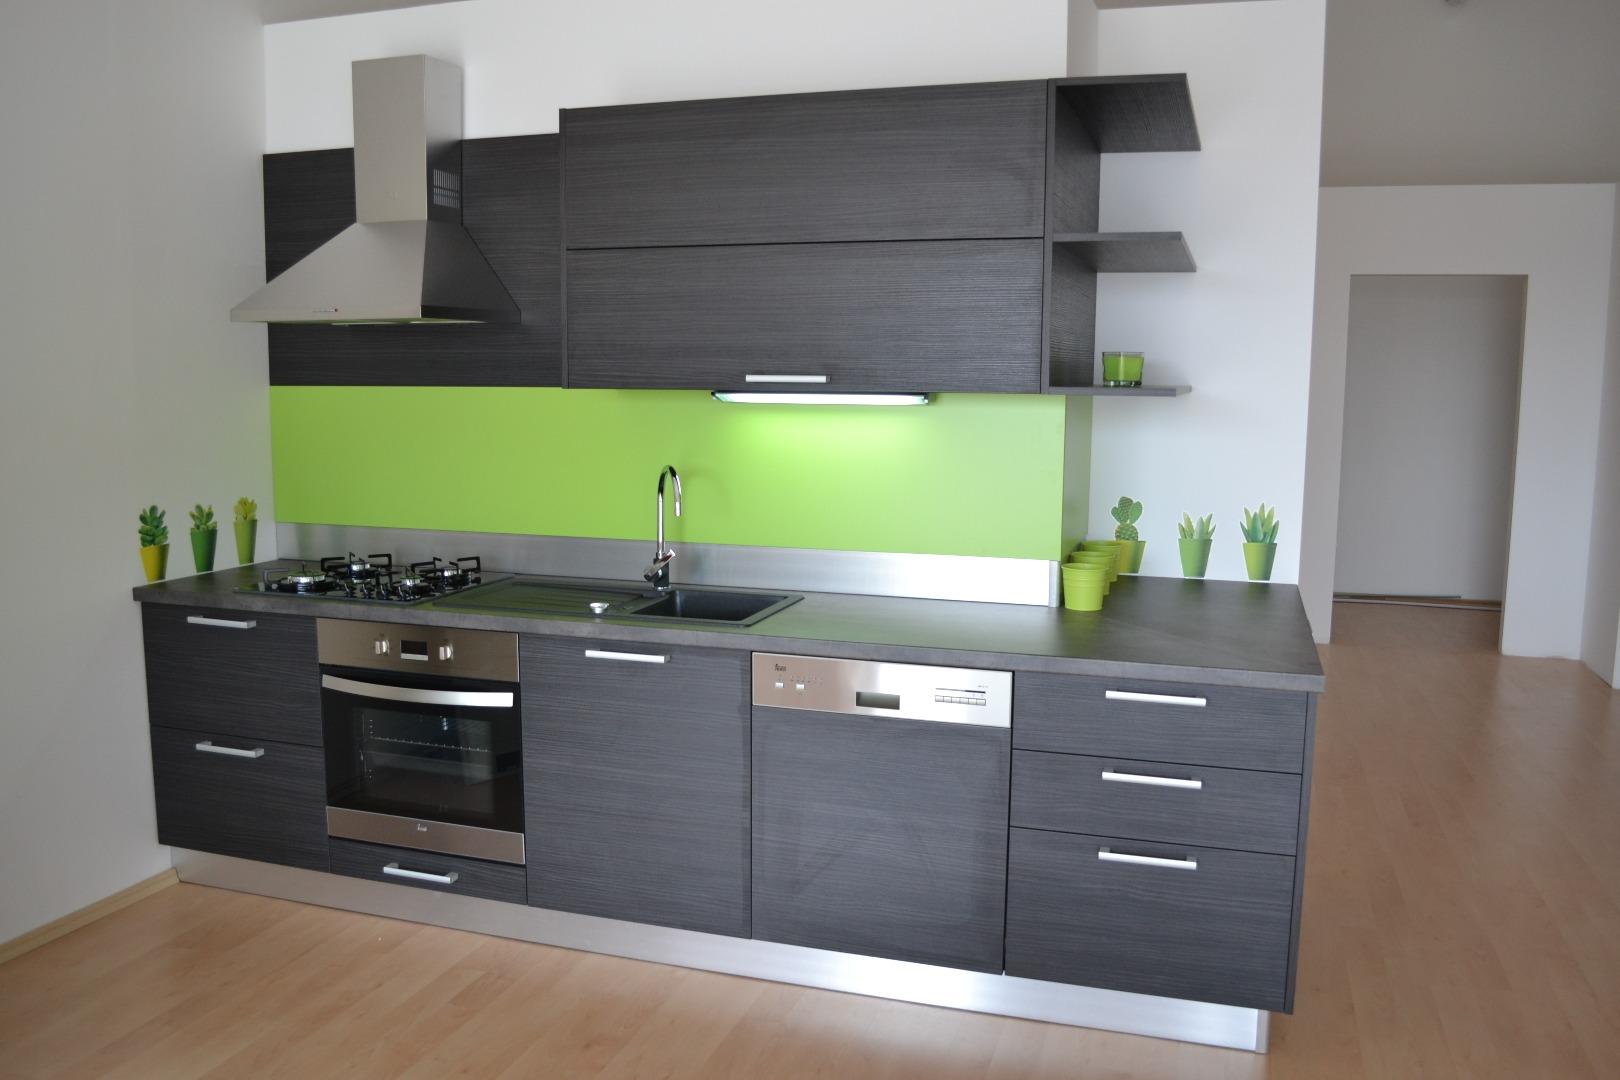 za kuhinje po meri od 120 za ugradne plakare od 60 evra po kvadratu halo oglasi. Black Bedroom Furniture Sets. Home Design Ideas